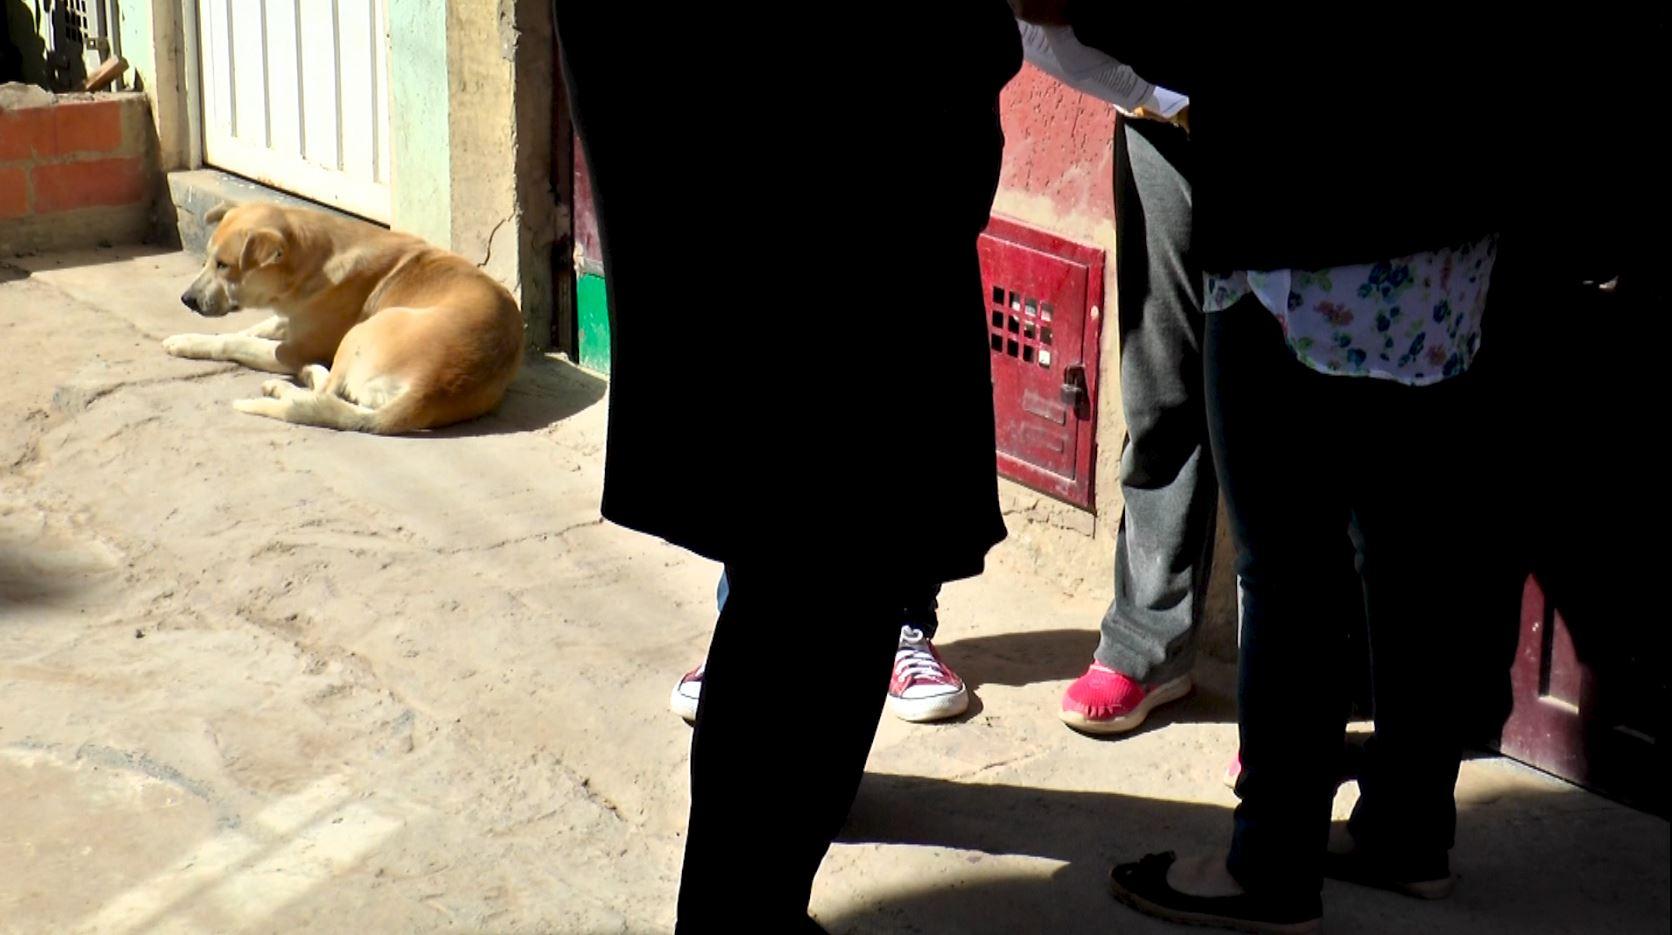 Un hombre volvió a atacar con cuchillo a un perro en Soacha